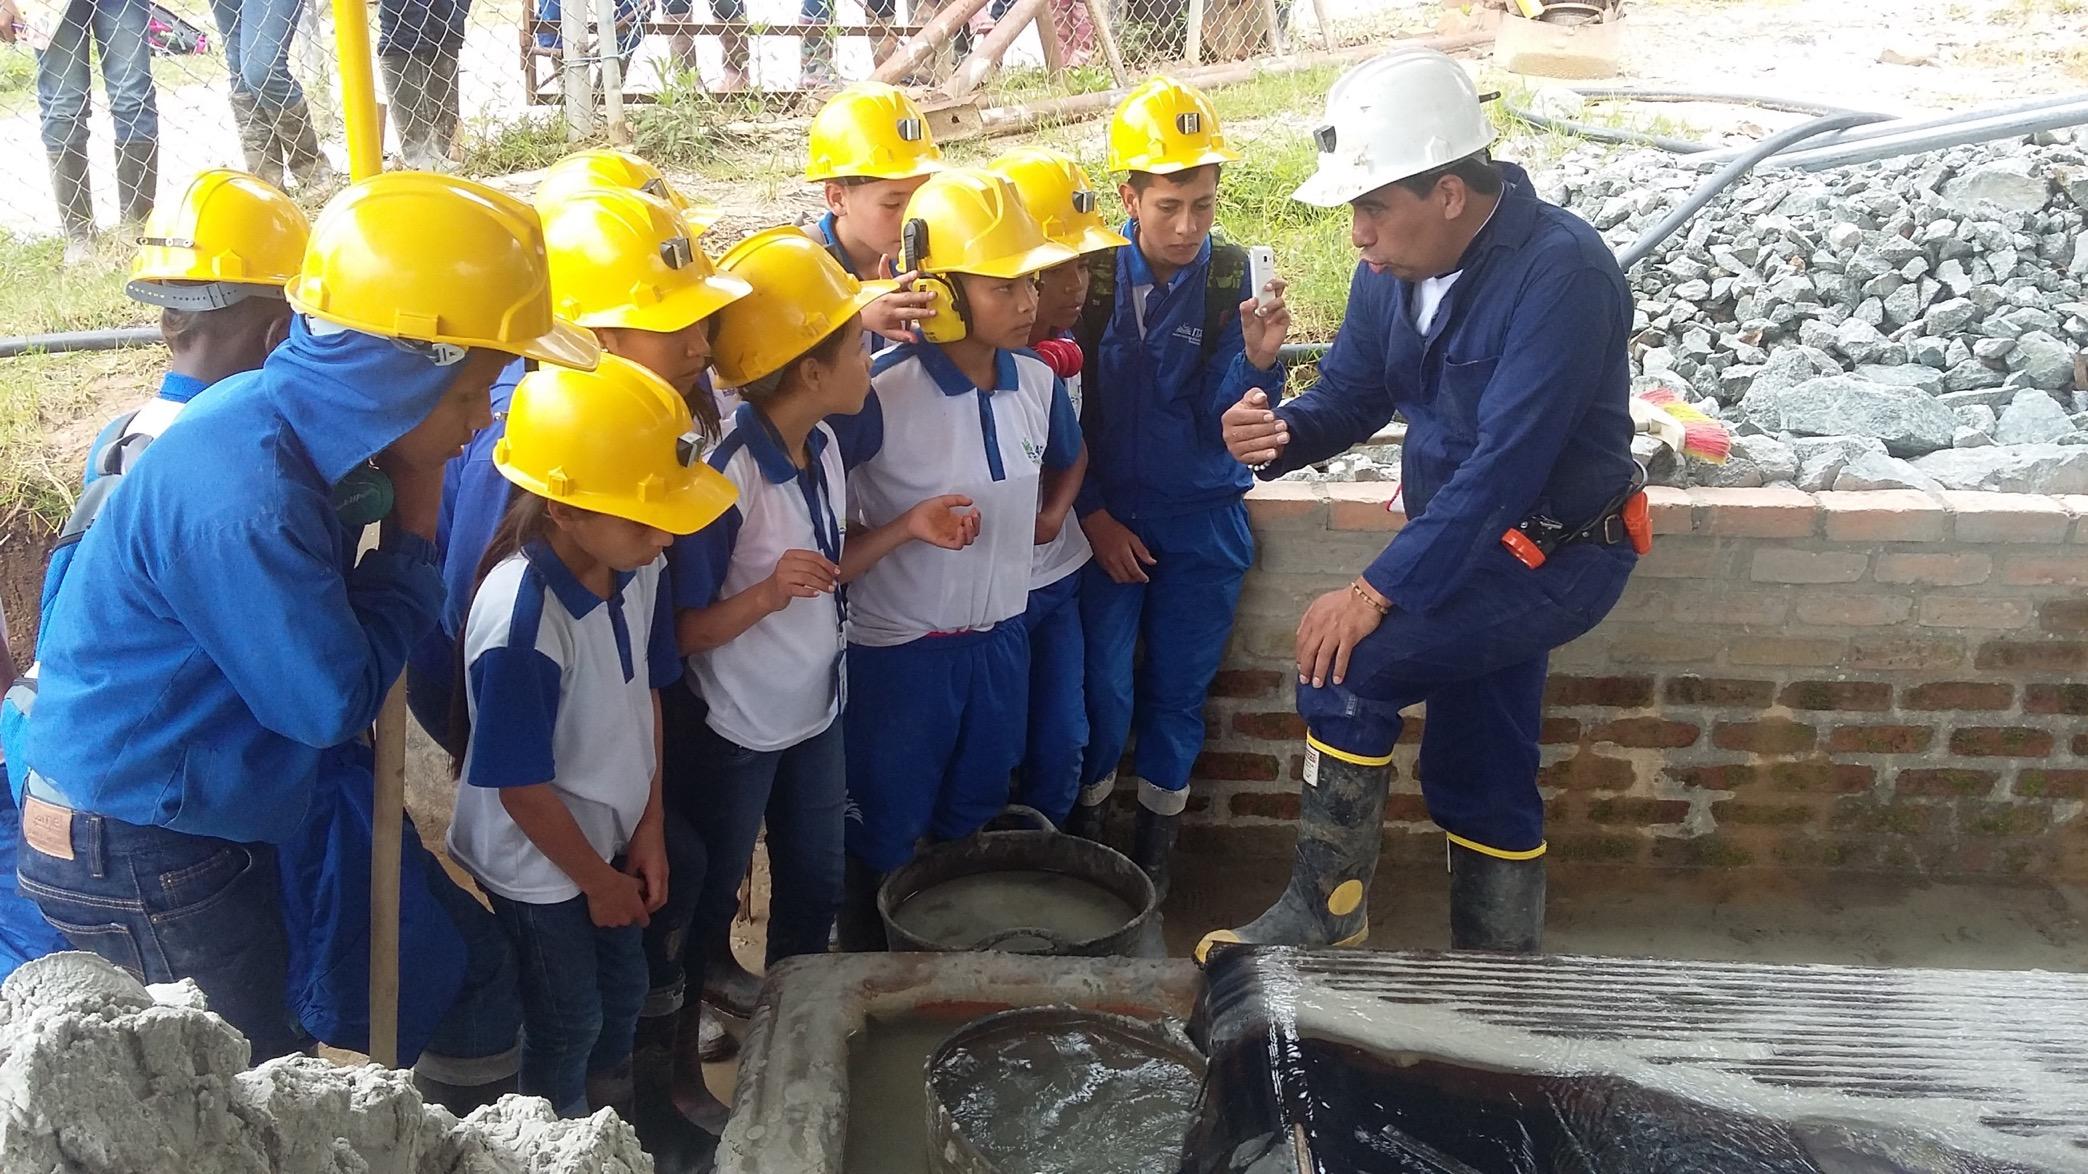 ITAF - Salida de estudio Cooperativa de Mineros. Cortesía: Fundación Smurfit Kappa Colombia.